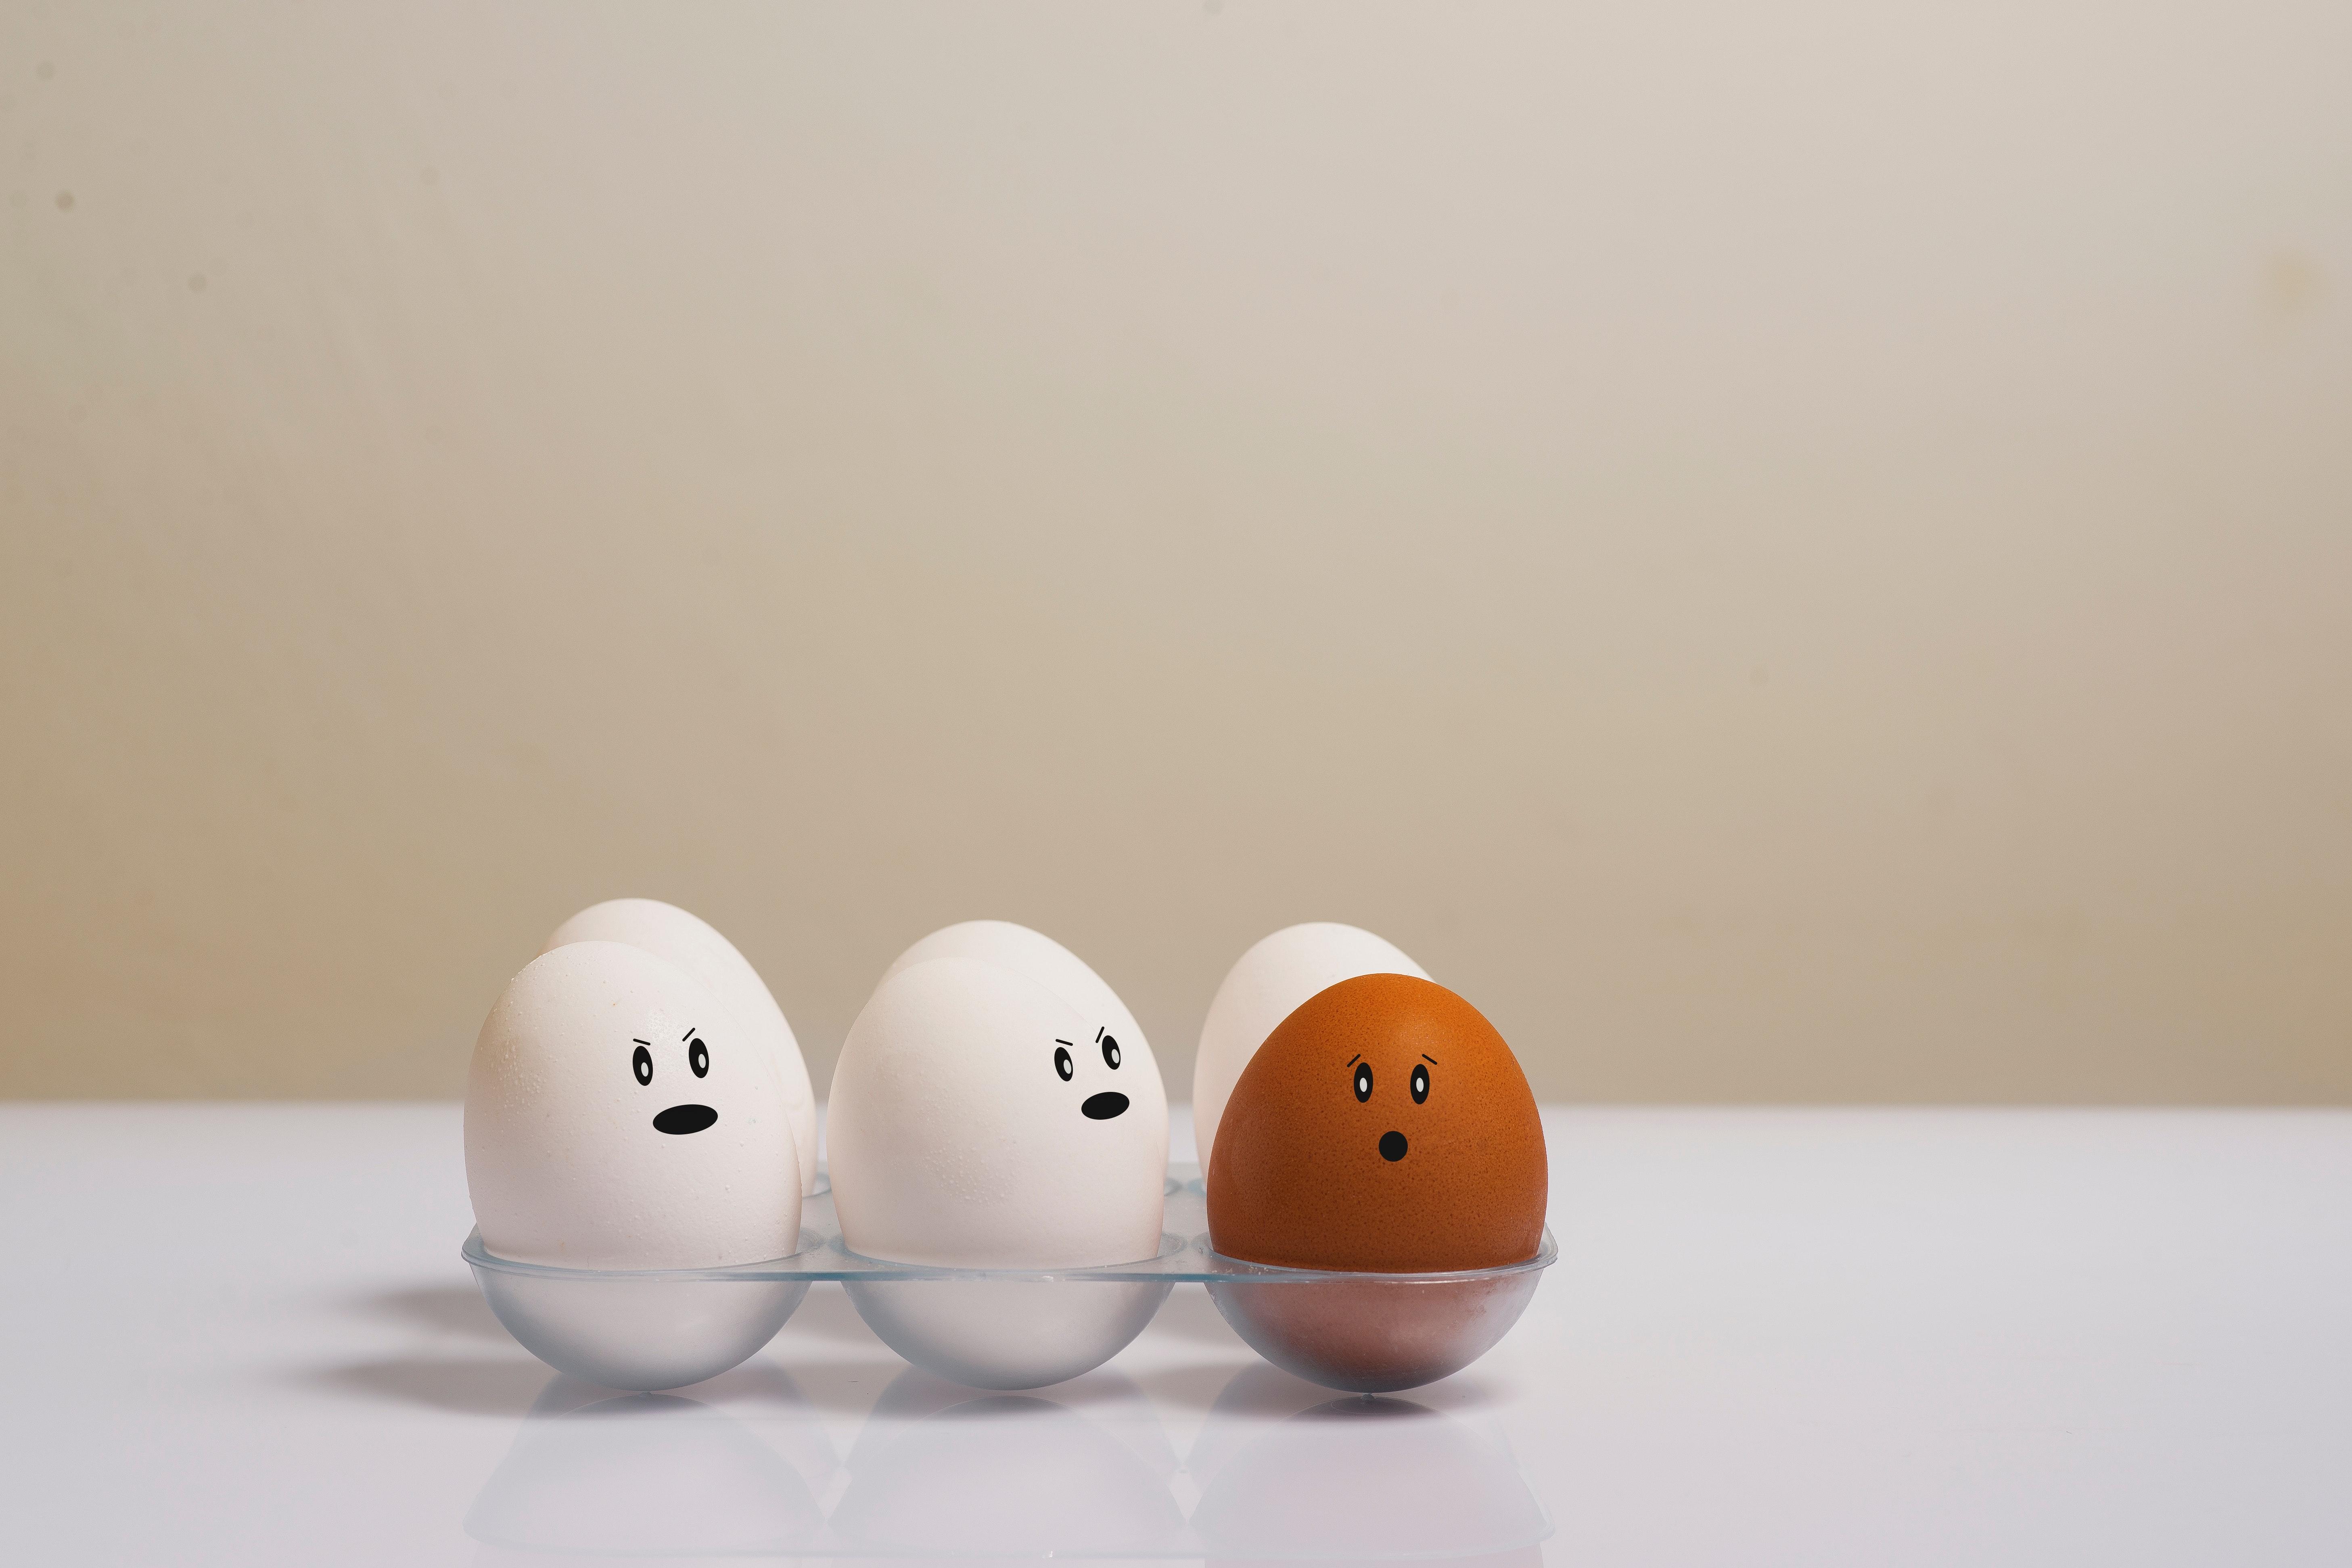 ¡Tú eres diferente!